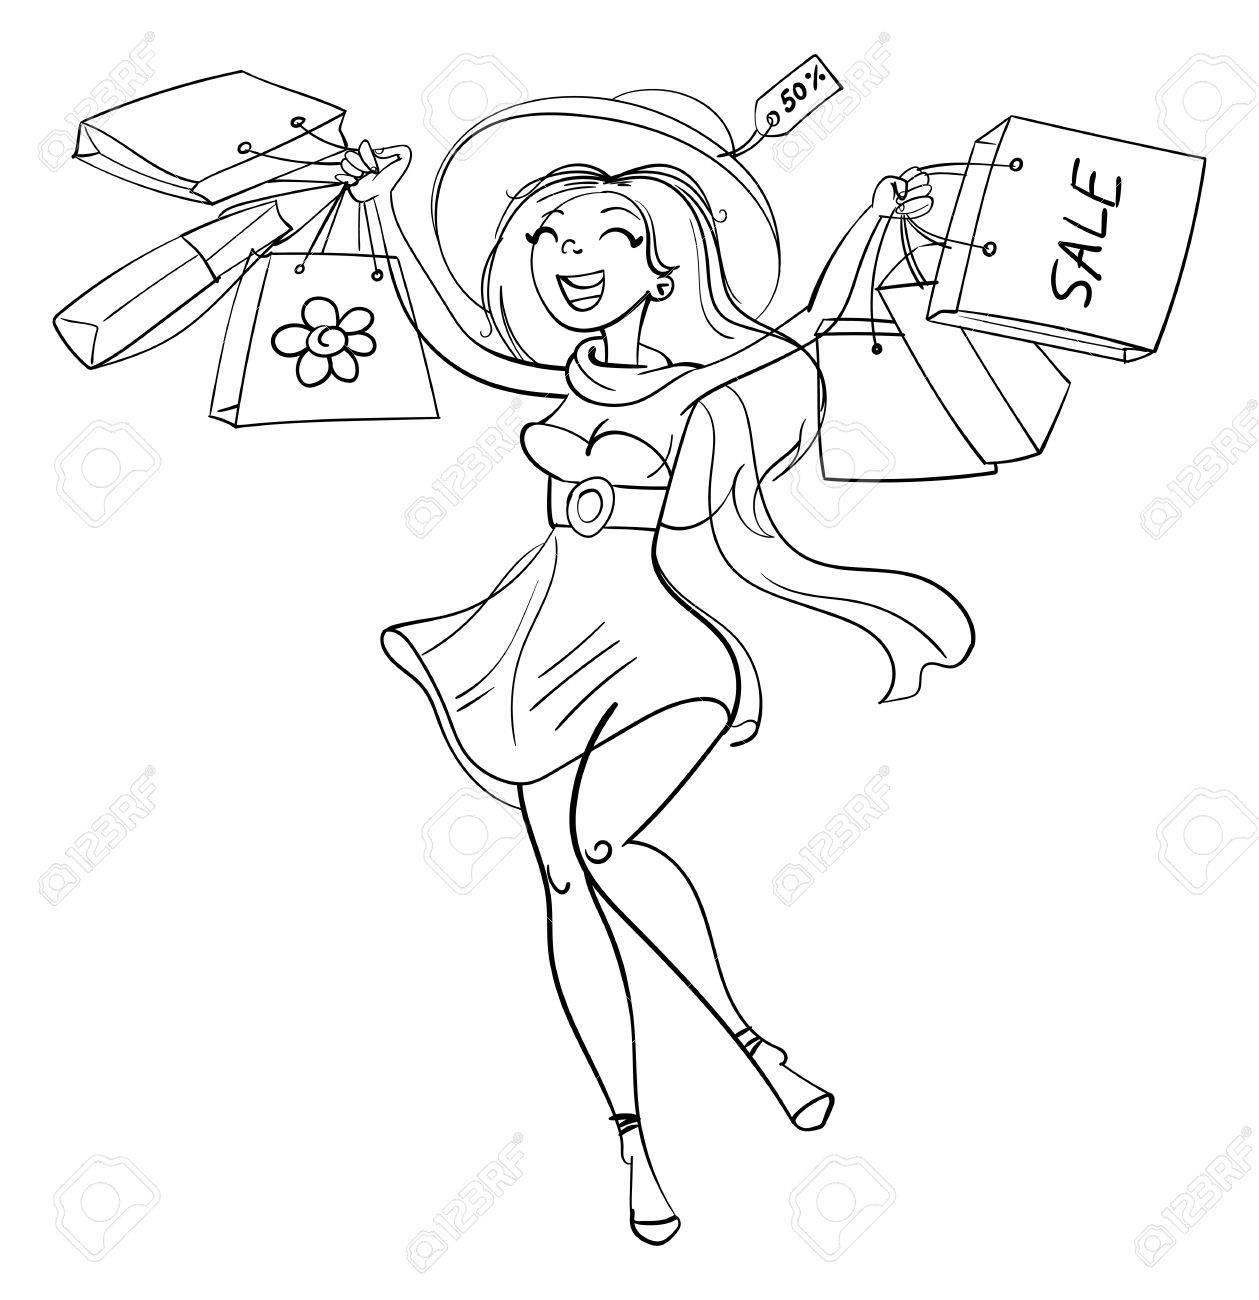 ショップで買い物袋を持つ幸せな女の子買い物客販売面白い漫画の